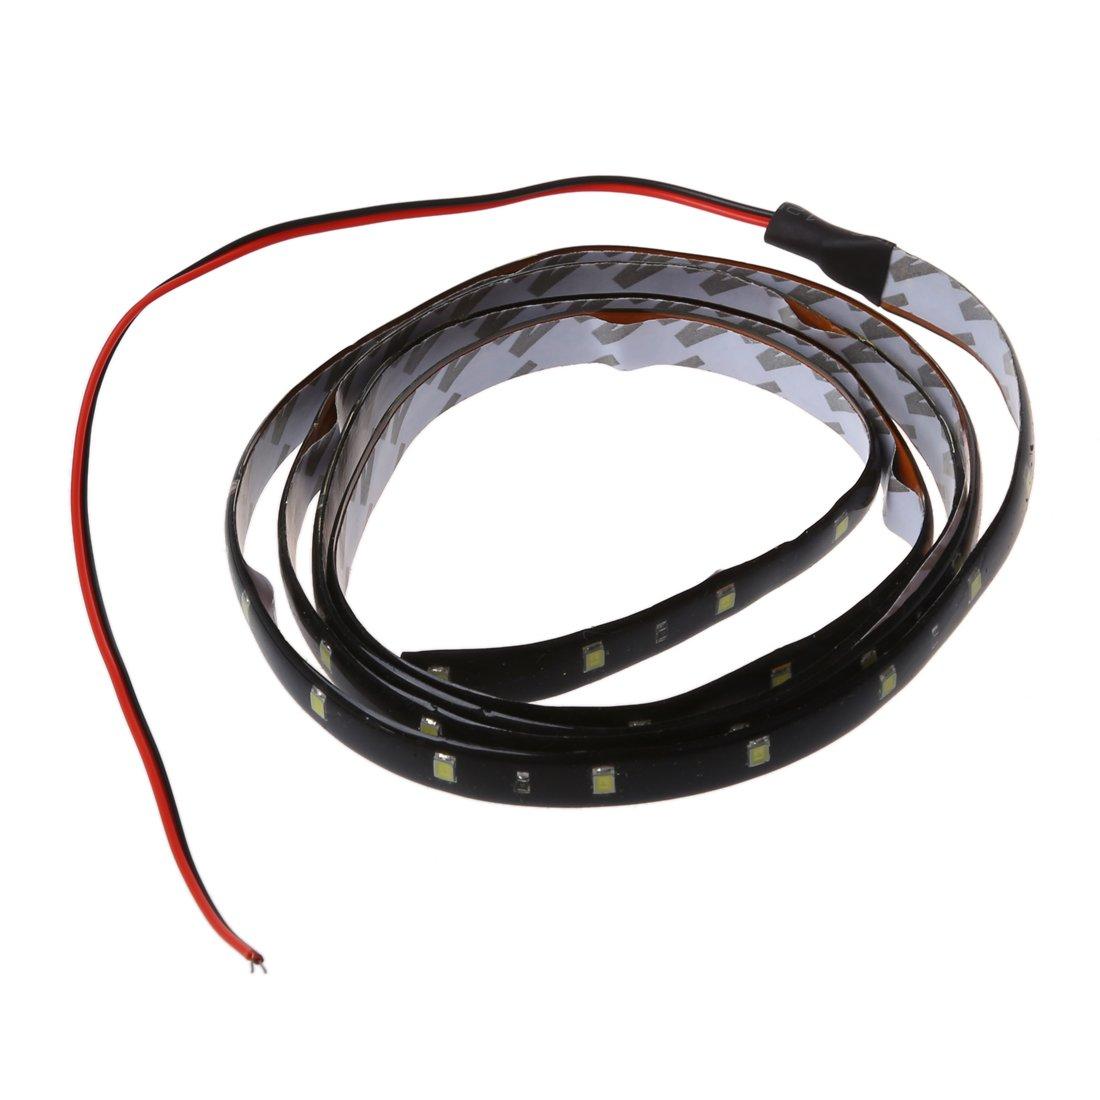 SODIAL(R) 120CM 60 SMD Tira de Luz LED Neon Flexible Impermeable para Coche - Blanco: Amazon.es: Hogar